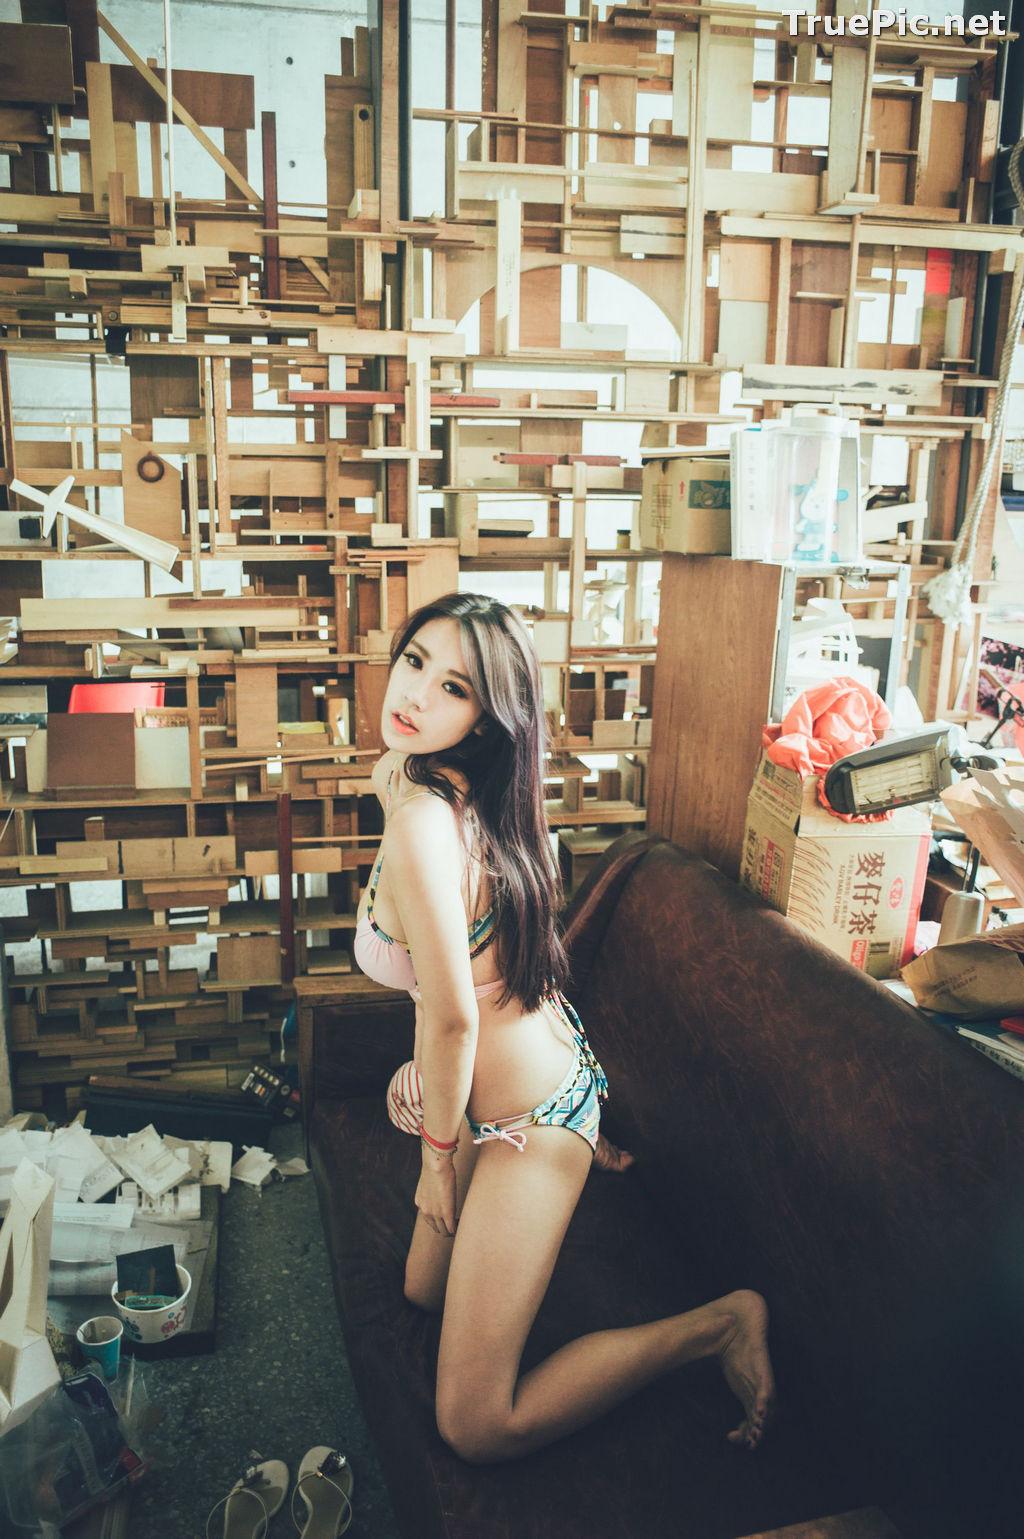 Image Taiwanese Model - 魏曼曼 (Amanda) - Bikini In The Room - TruePic.net - Picture-2